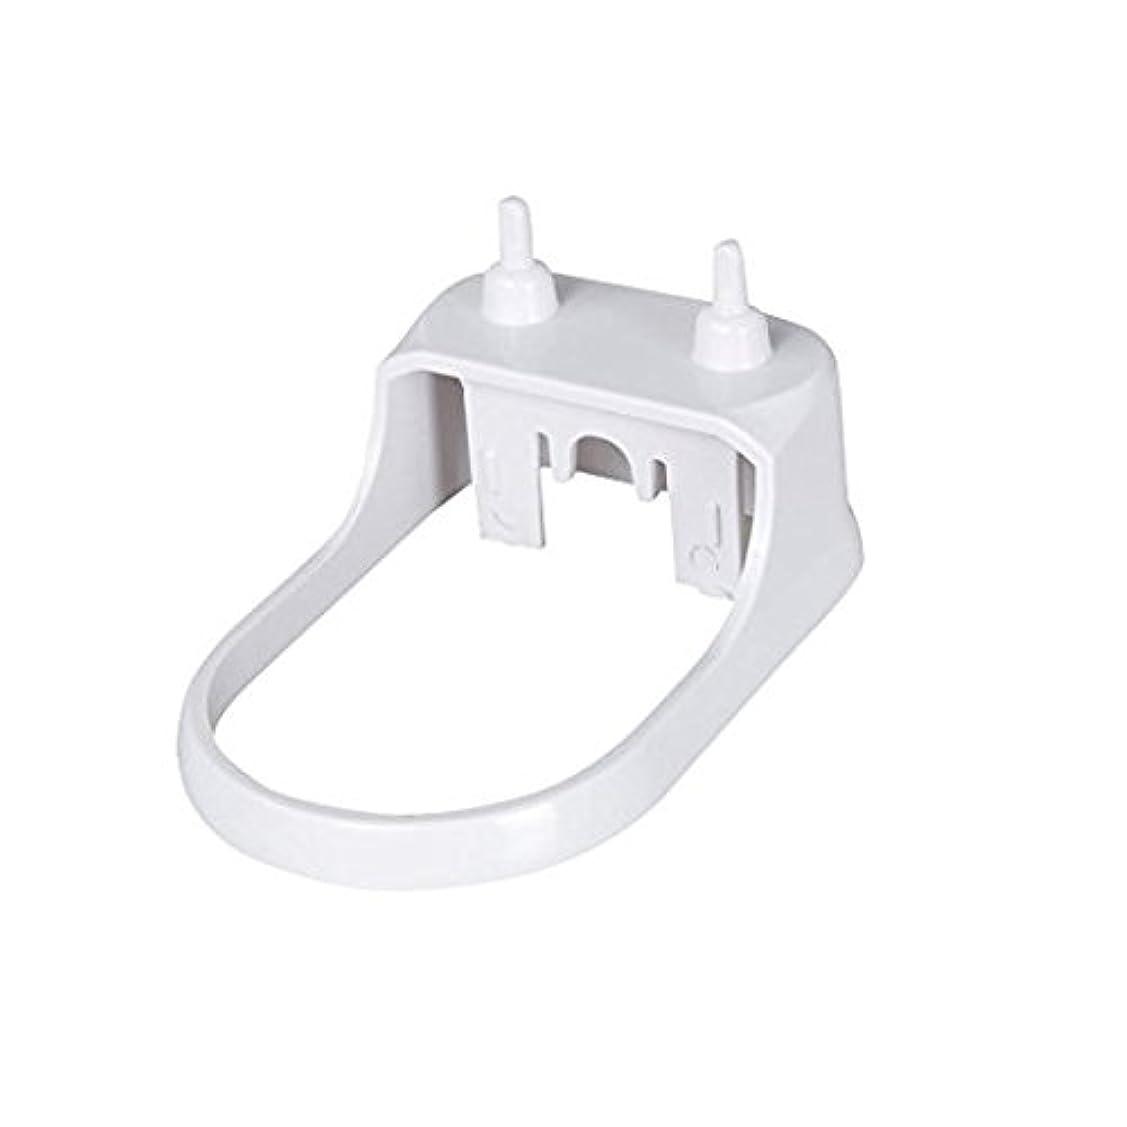 救急車グリーンランドモートハードプラスチックスタンド for Philips sonicare 電動歯ブラシ専用 携帯用小型充電器 フィリップス ソニッケアー音波電動歯ブラシ 充電器 by Kadior (ホワイト)